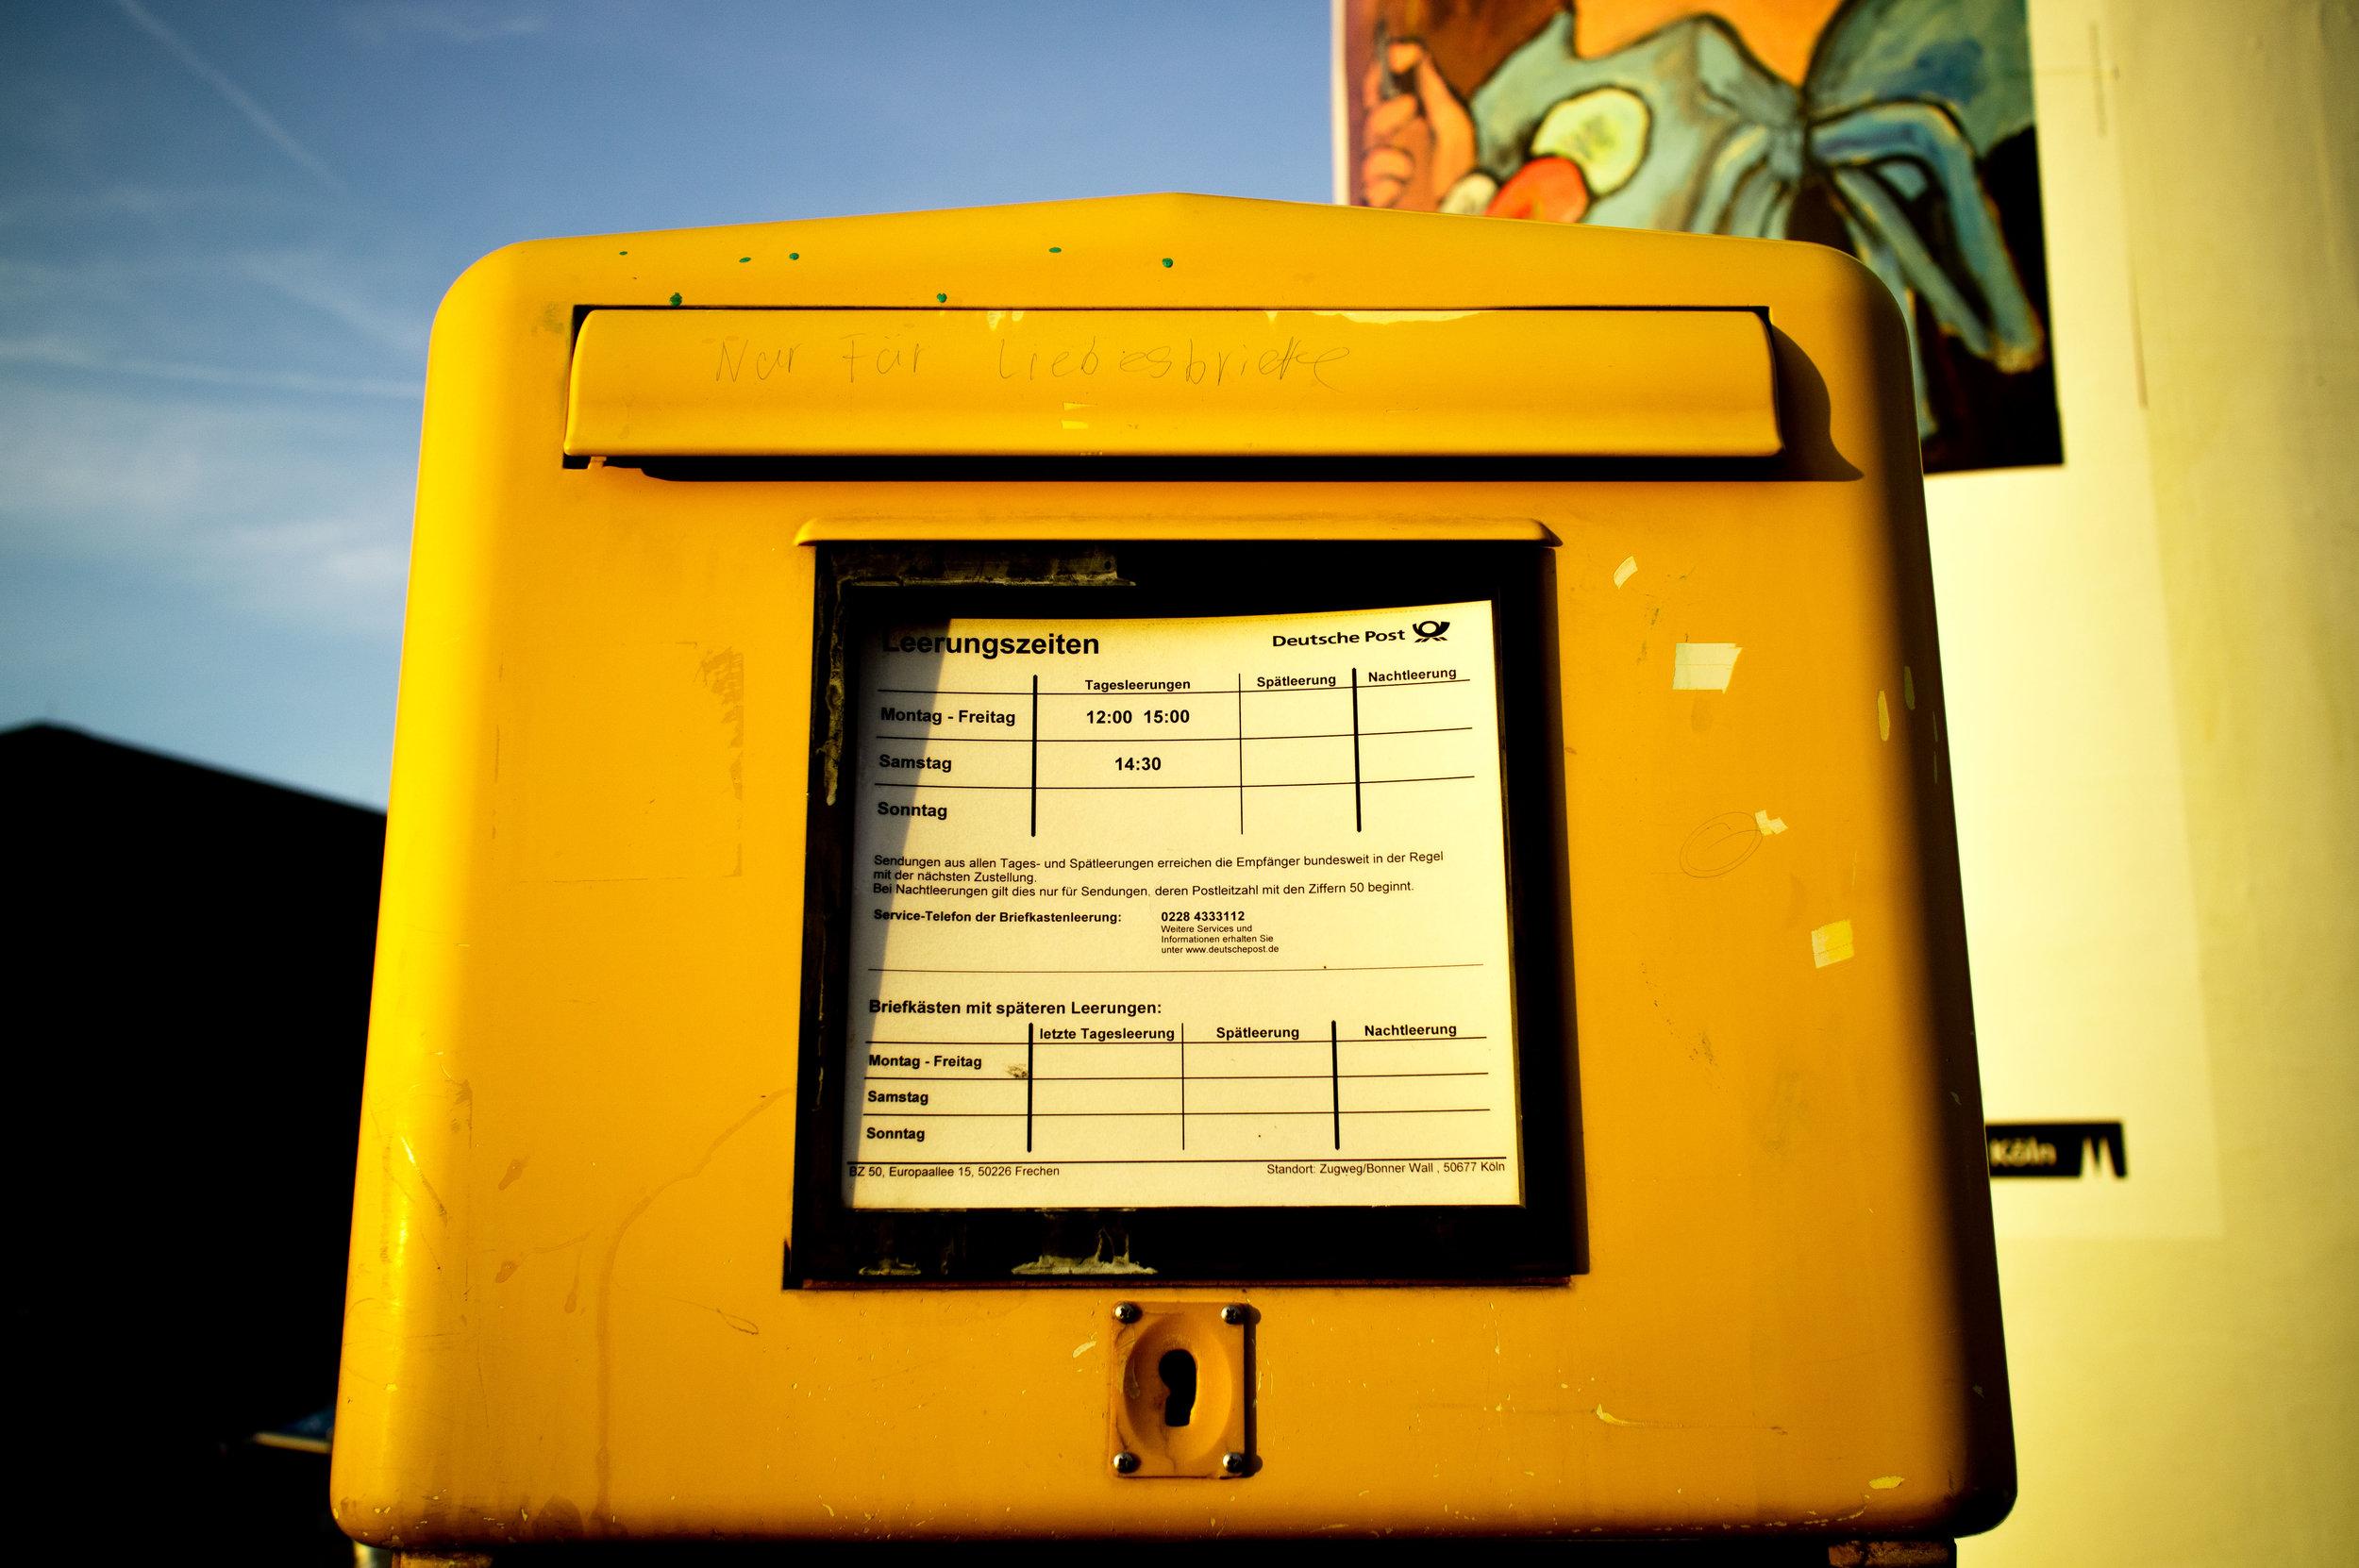 Briefkasten_1_-2015.jpg